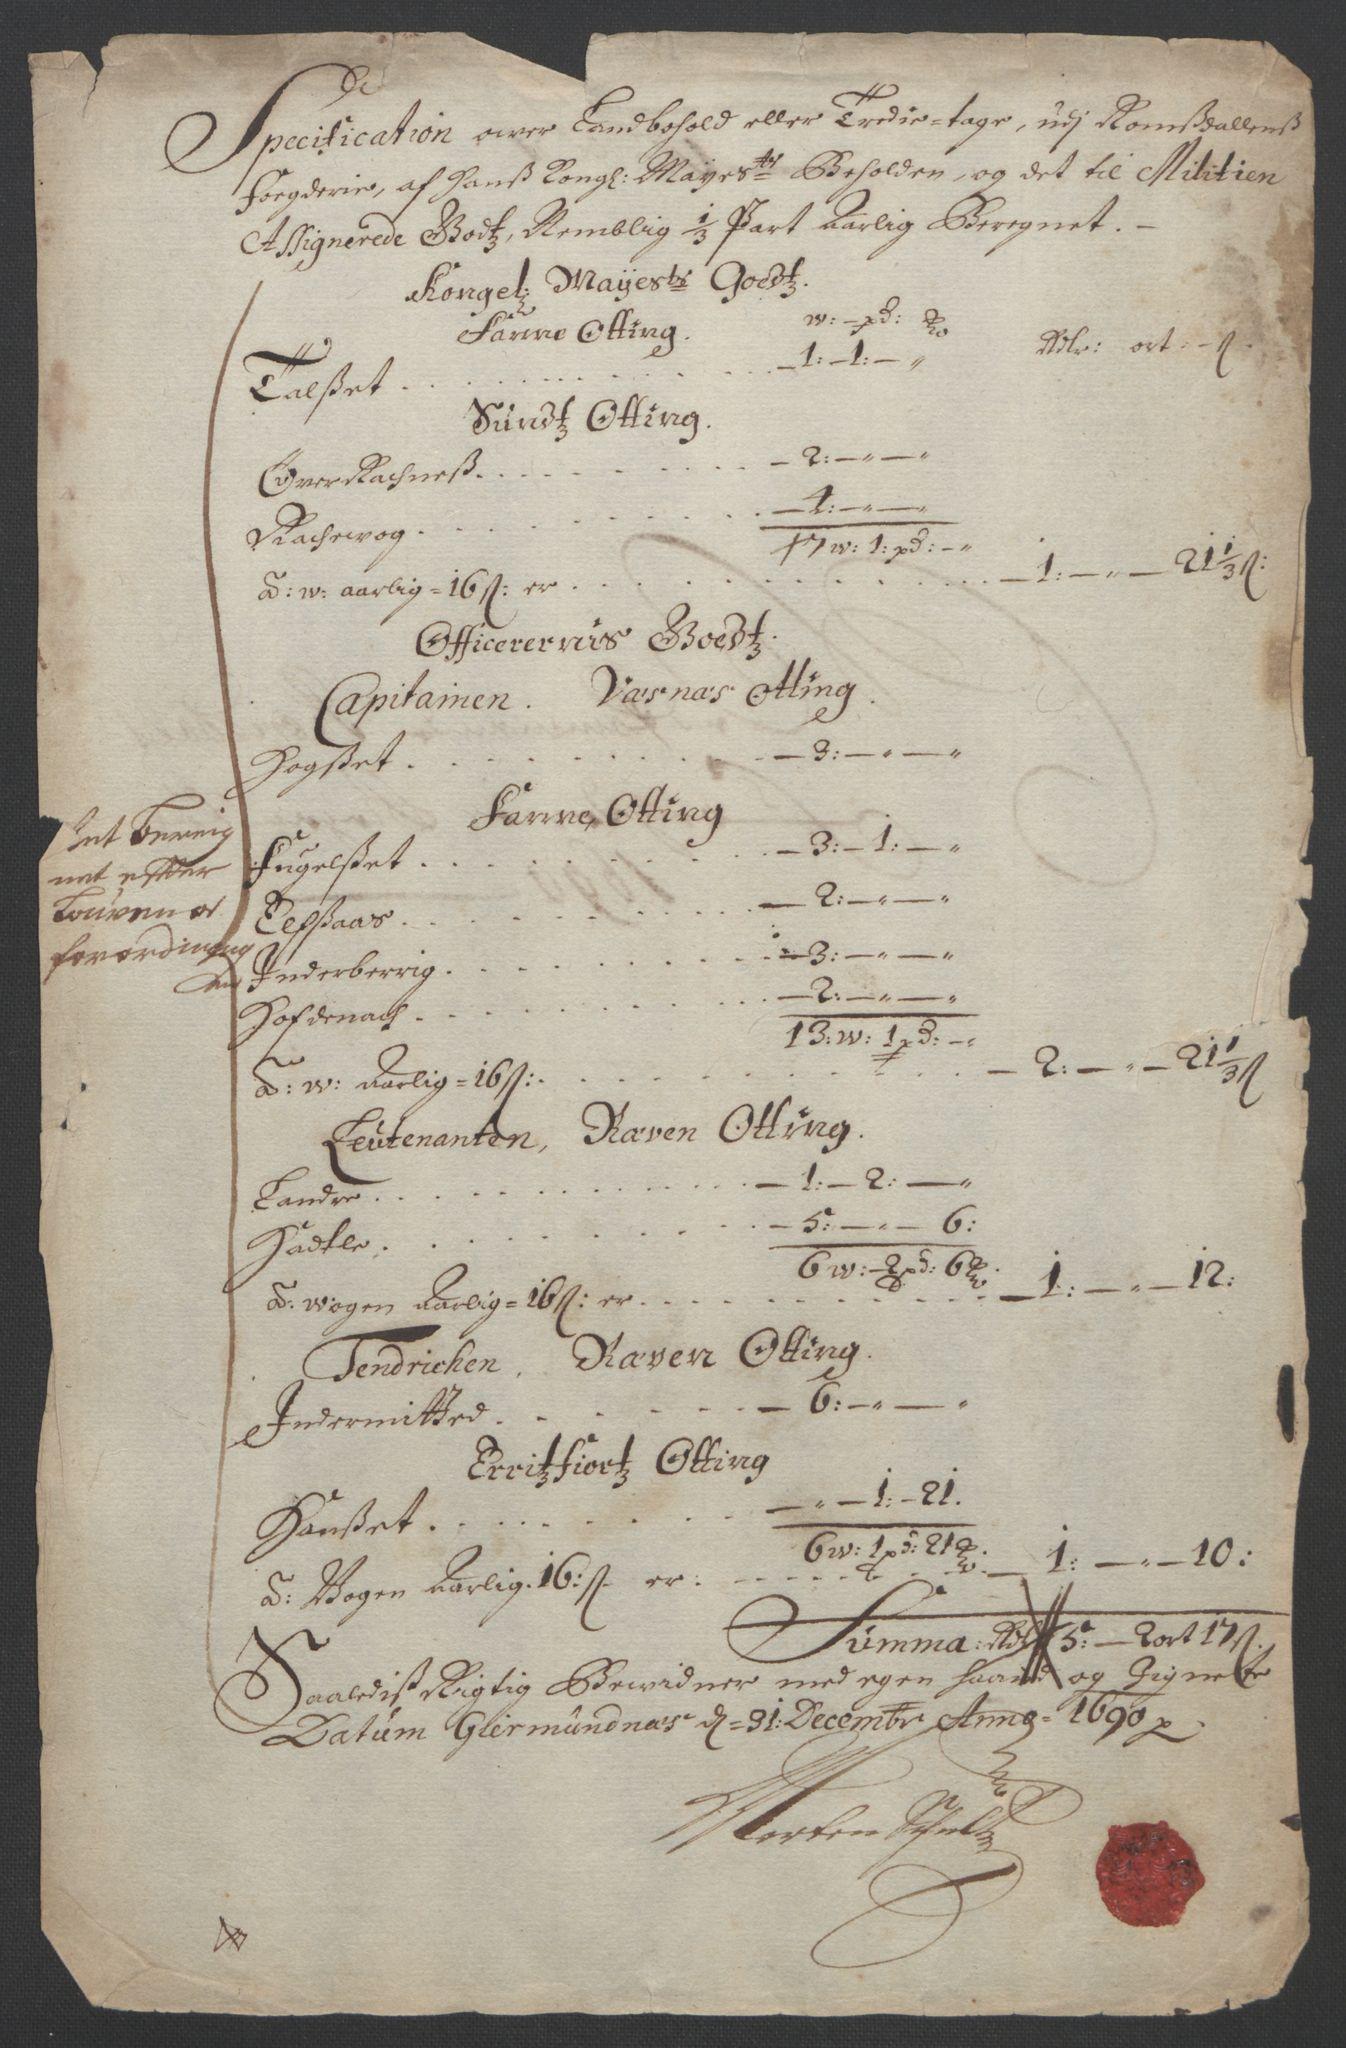 RA, Rentekammeret inntil 1814, Reviderte regnskaper, Fogderegnskap, R55/L3649: Fogderegnskap Romsdal, 1690-1691, s. 151